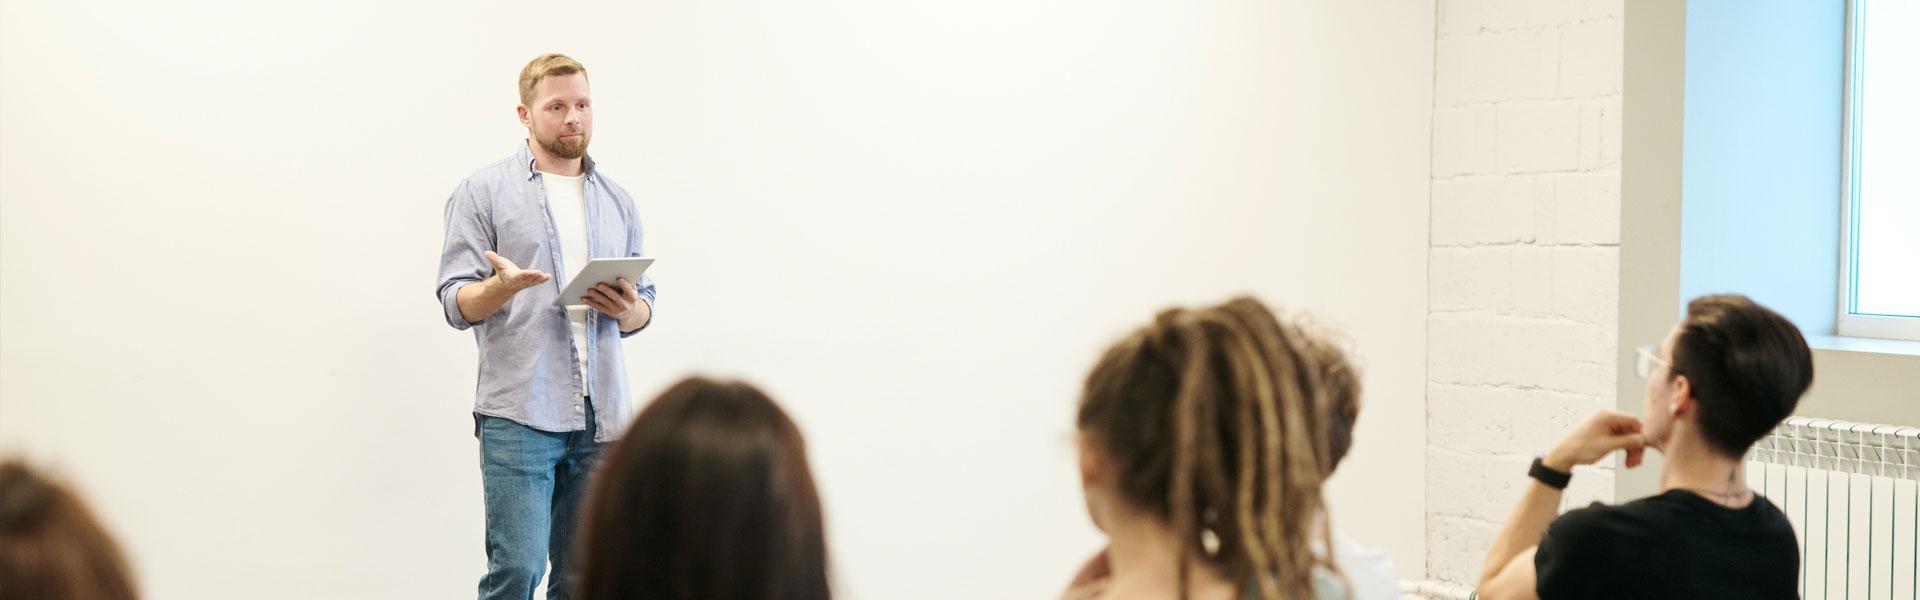 Vull associar-me. APJCV. Un espai per les polítiques de joventut.